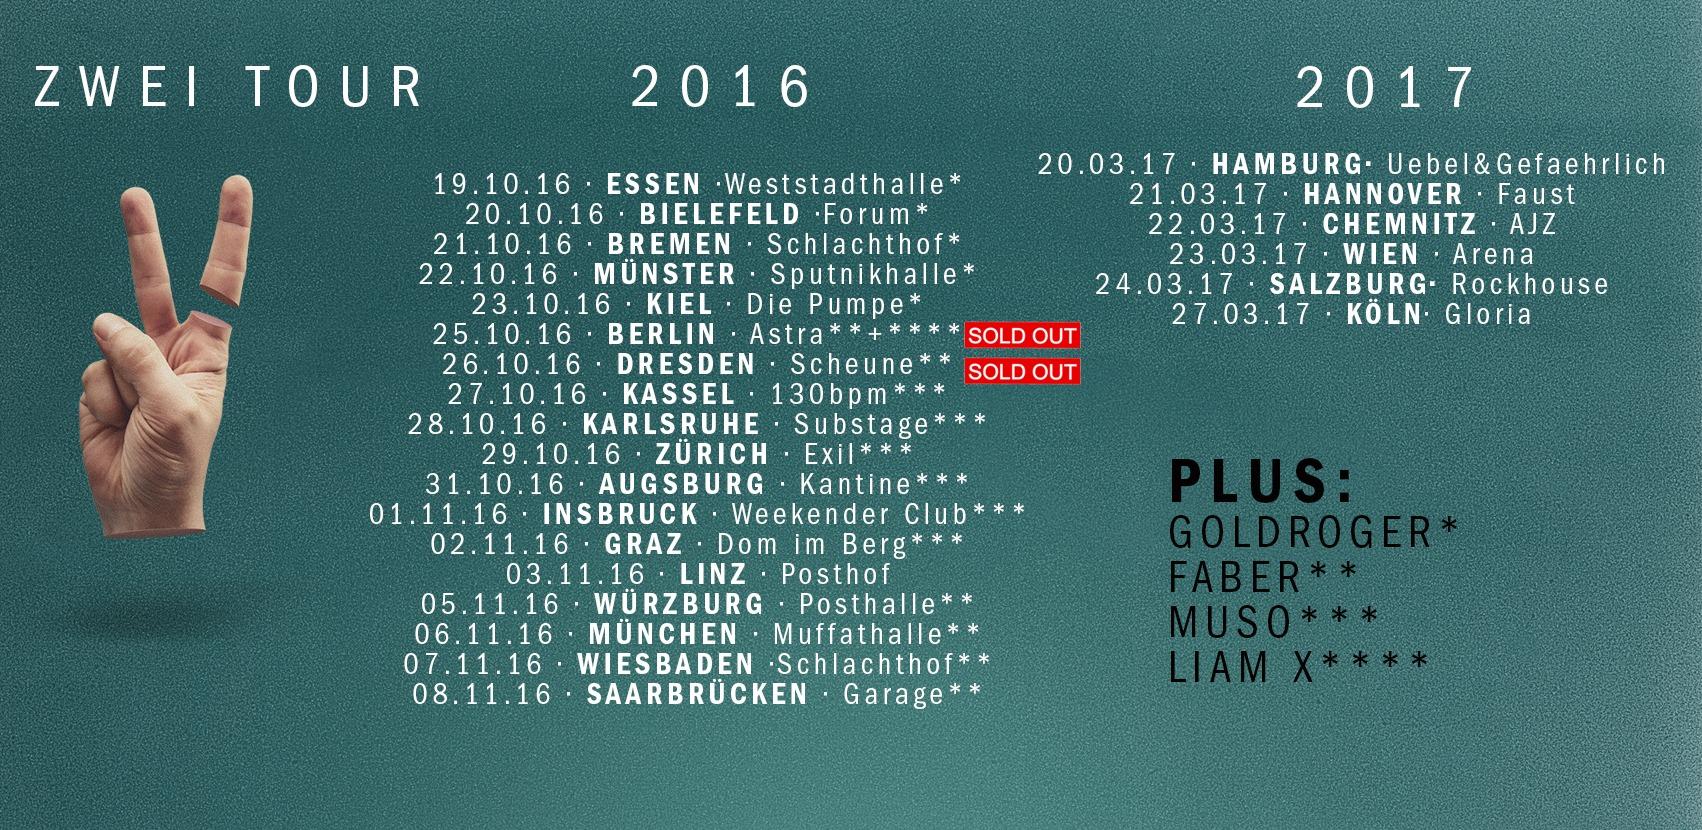 news-okkid-zwei-tour